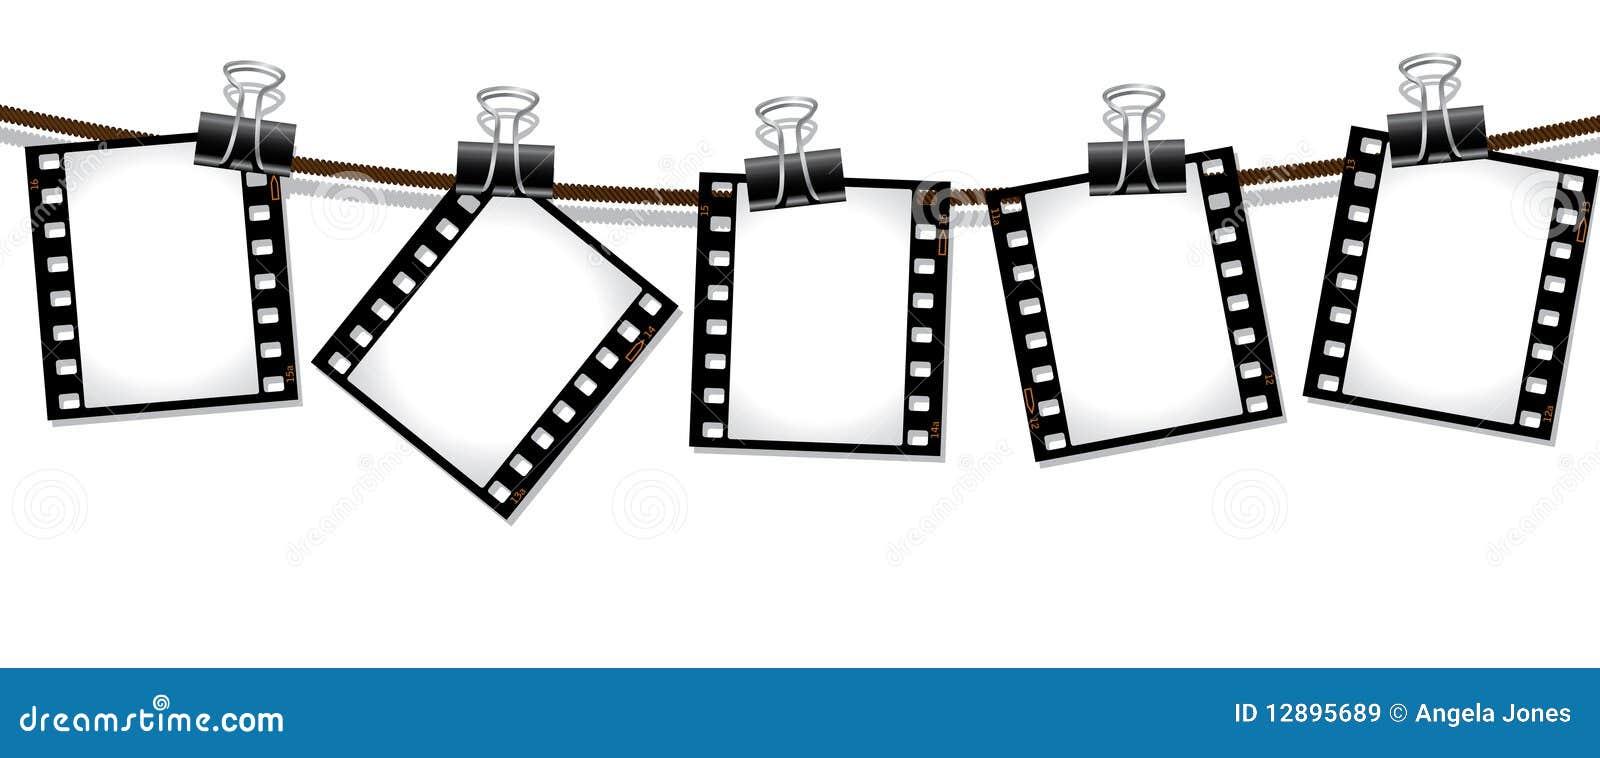 fileira de negativos de pel u00edcula ilustra u00e7 u00e3o do vetor film strip vector graphic free film strip vector cdr